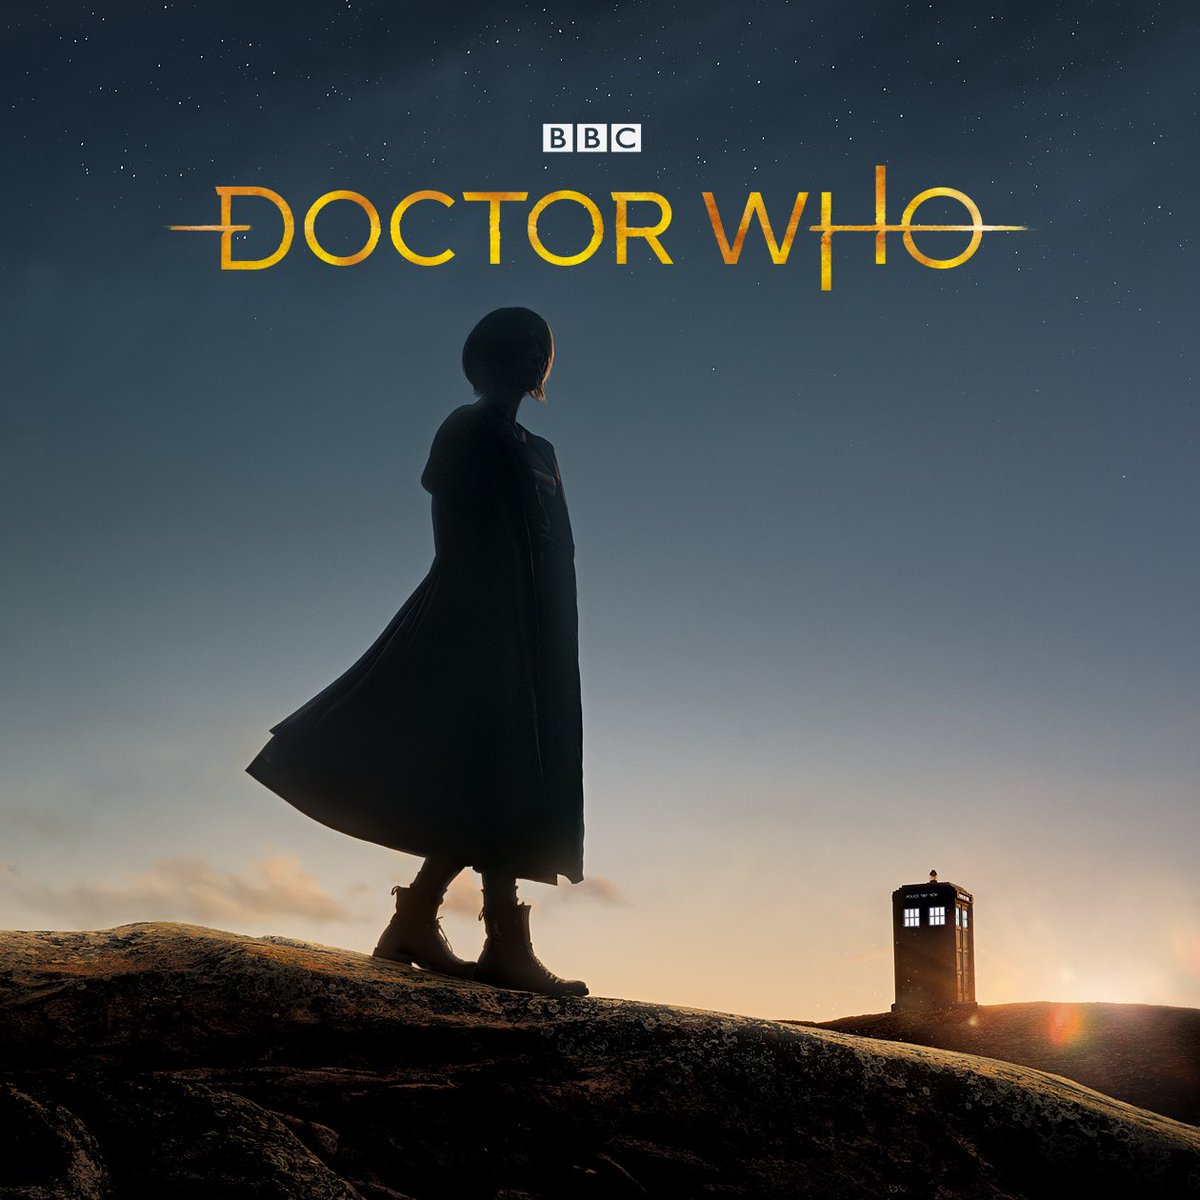 « Doctor Who » fait complètement peau neuve sur l'affiche de la saison 11.